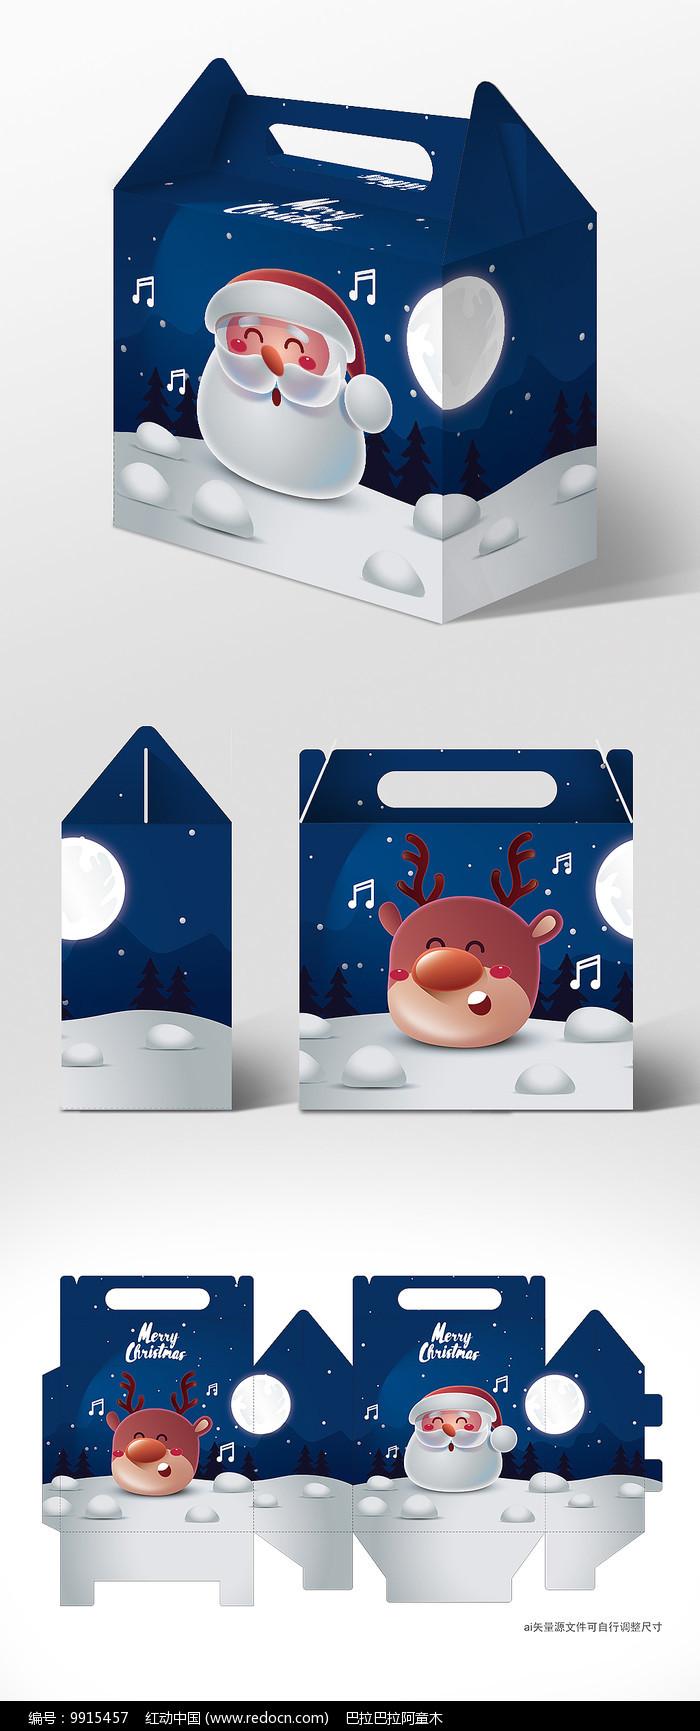 蓝色创意可爱圣诞节包装礼盒图片